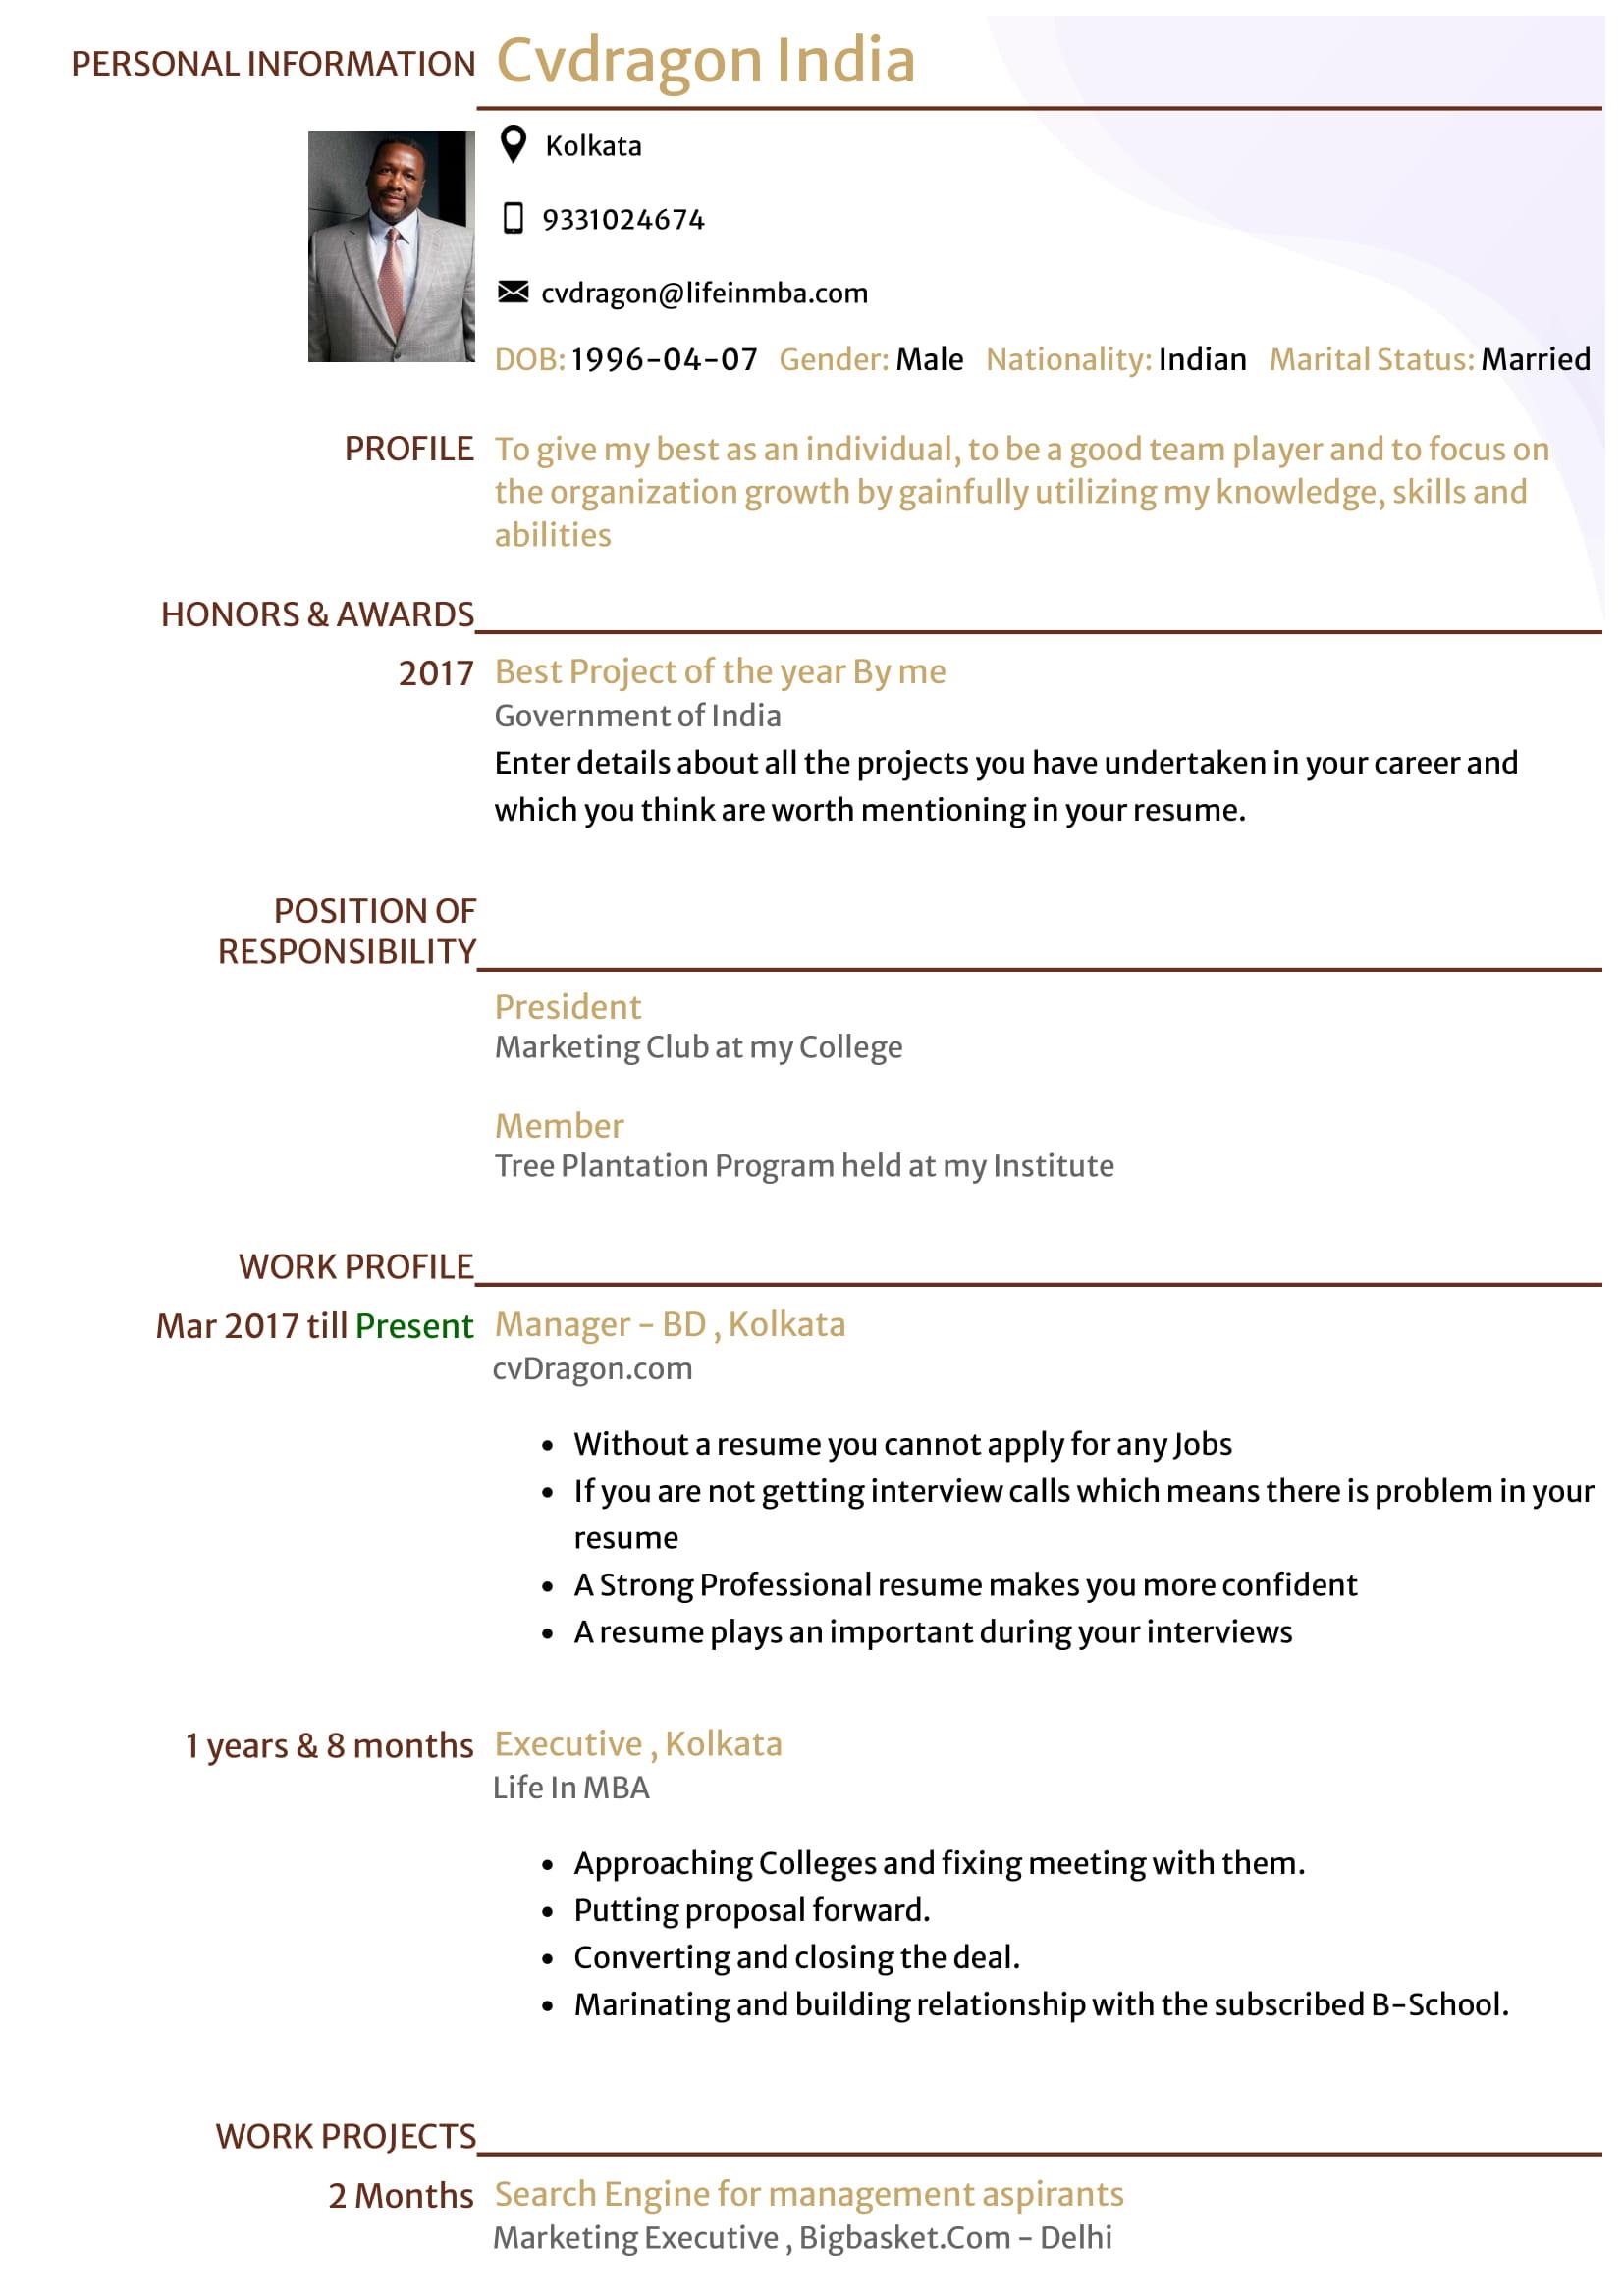 Resume Design - 23